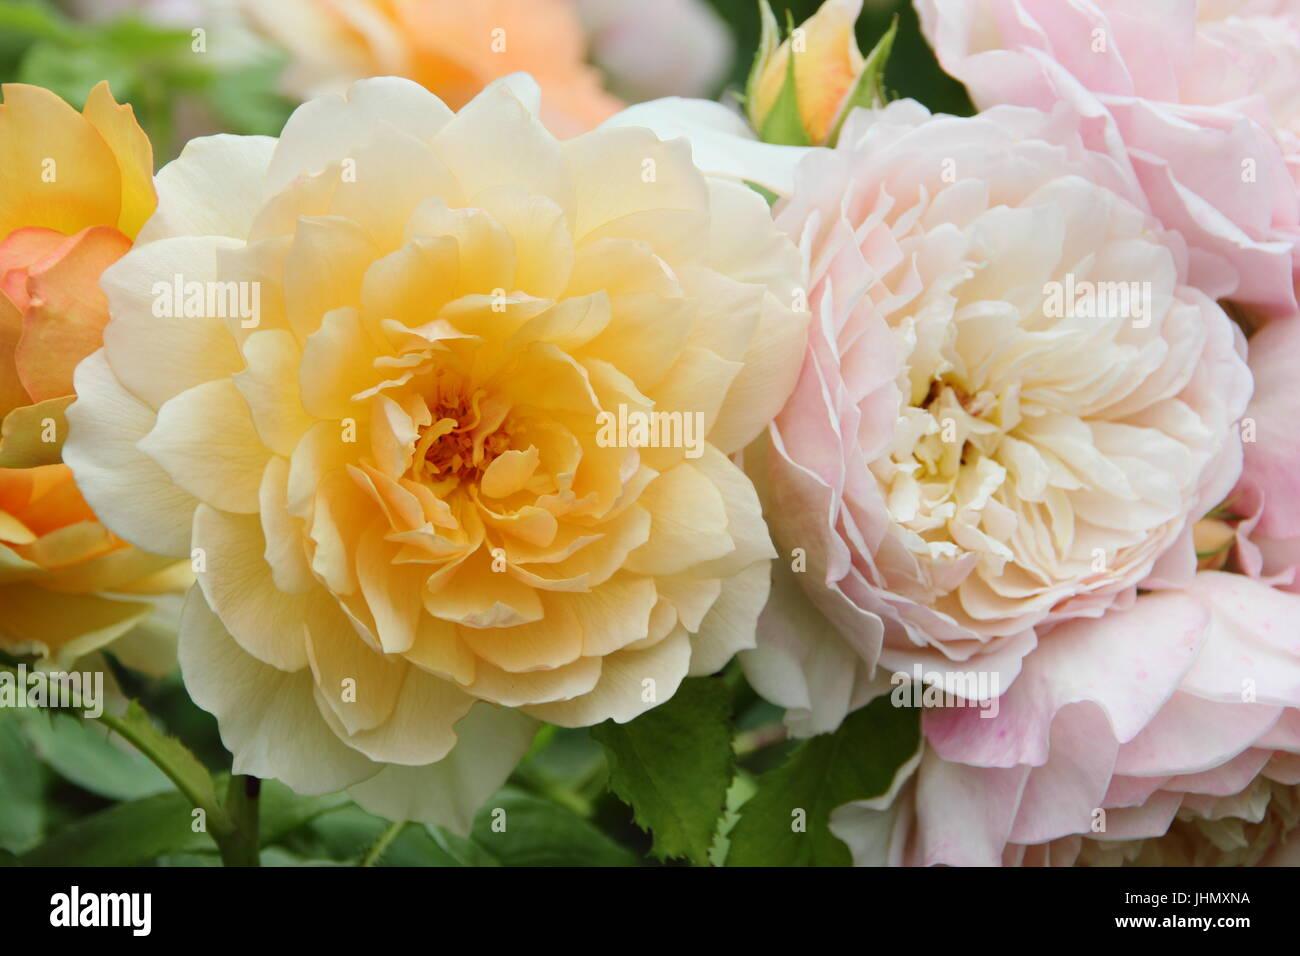 Rosa 'gracia' (Auskeppy), un arbusto muy fragante de albaricoque aumentó en plena floración en Imagen De Stock